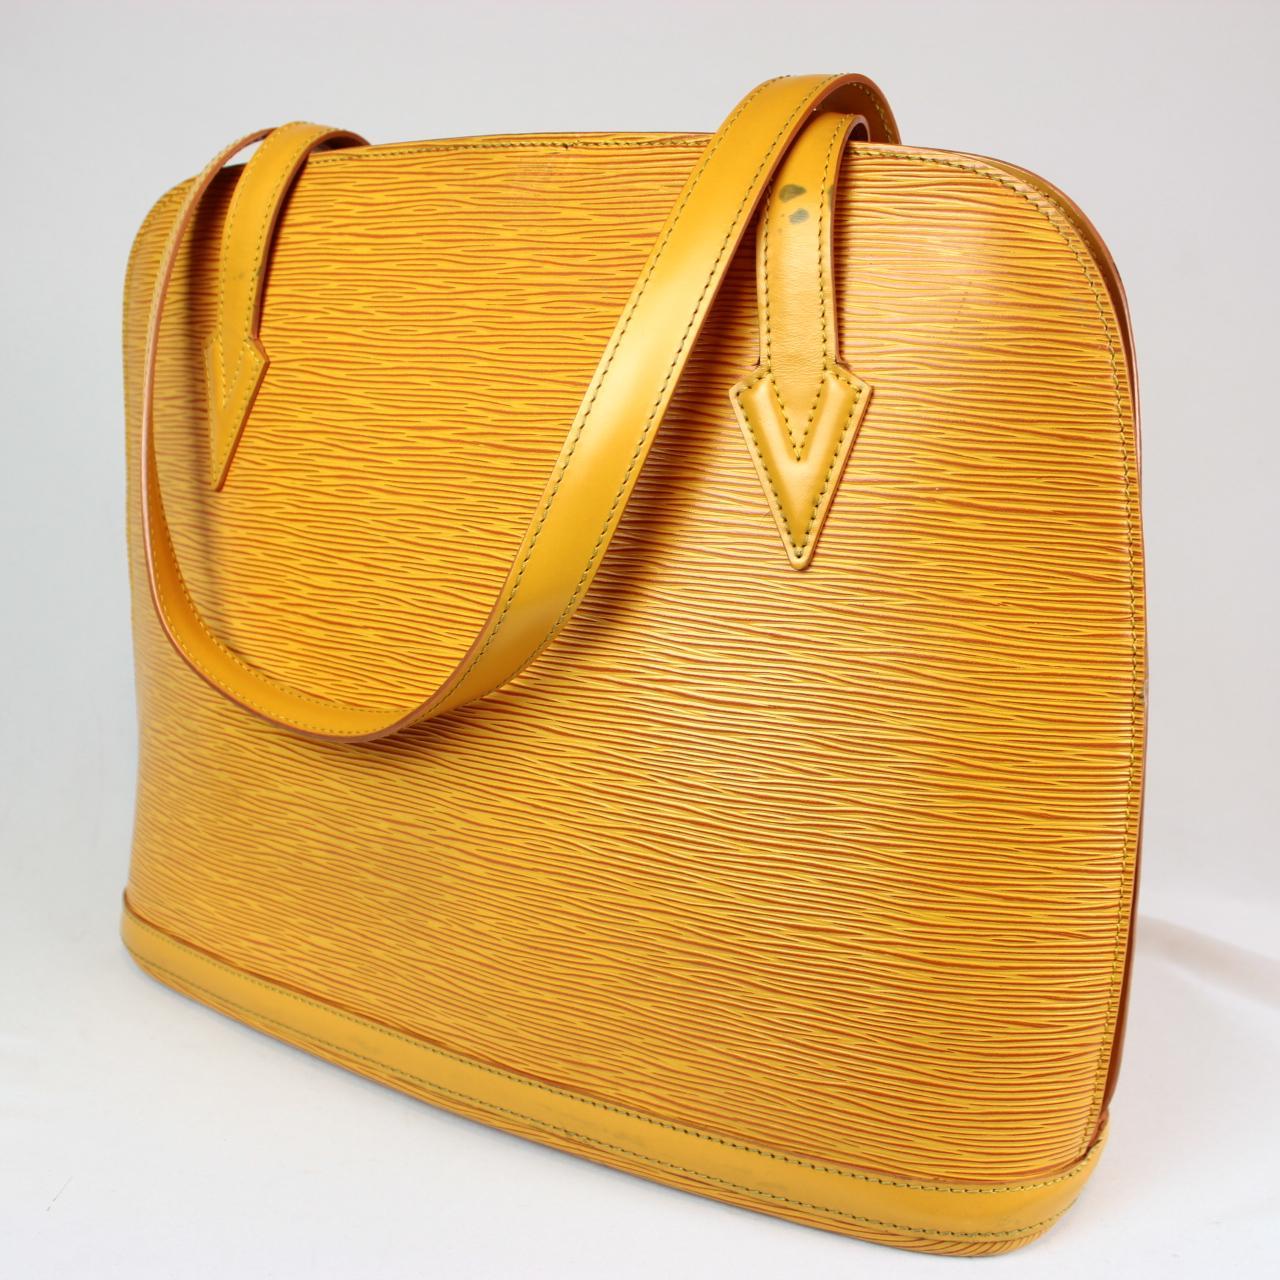 Image Result For Louis Vuitton Shoulder Bag